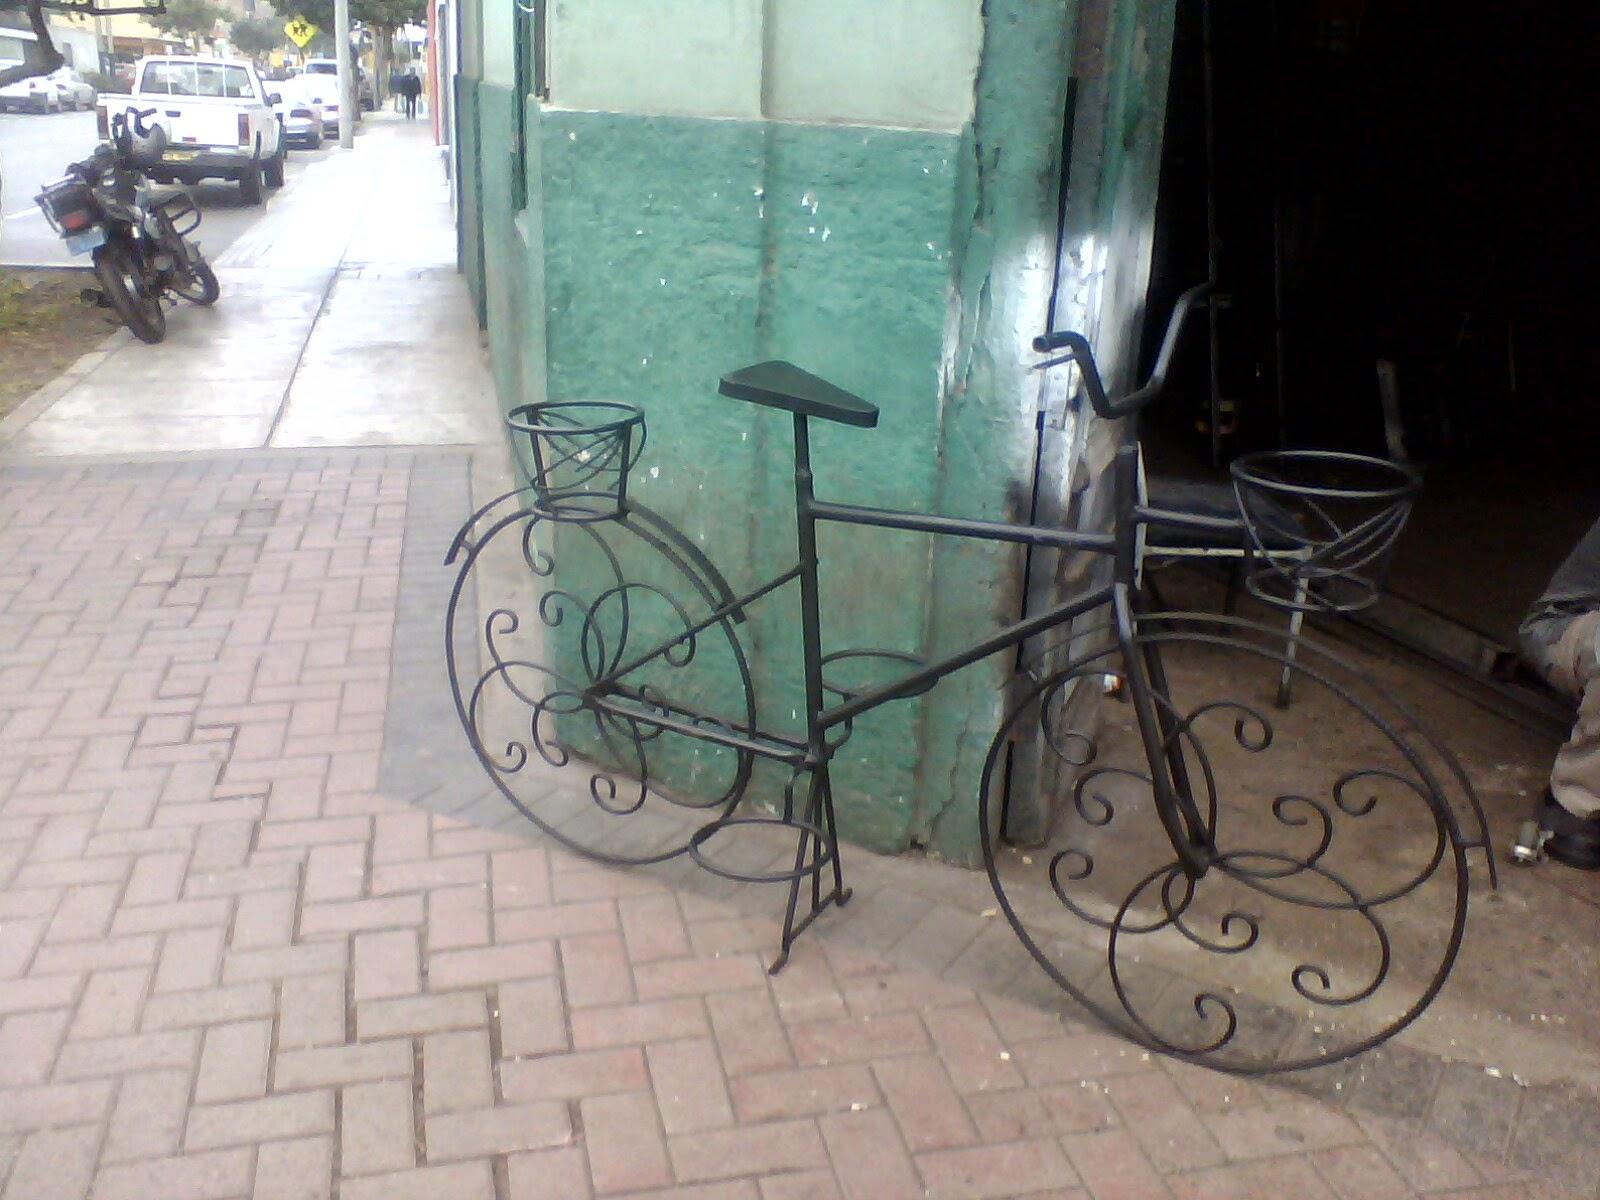 Nuevas tecnolog as bicicleta estacionaria - Bicicleta macetero ...